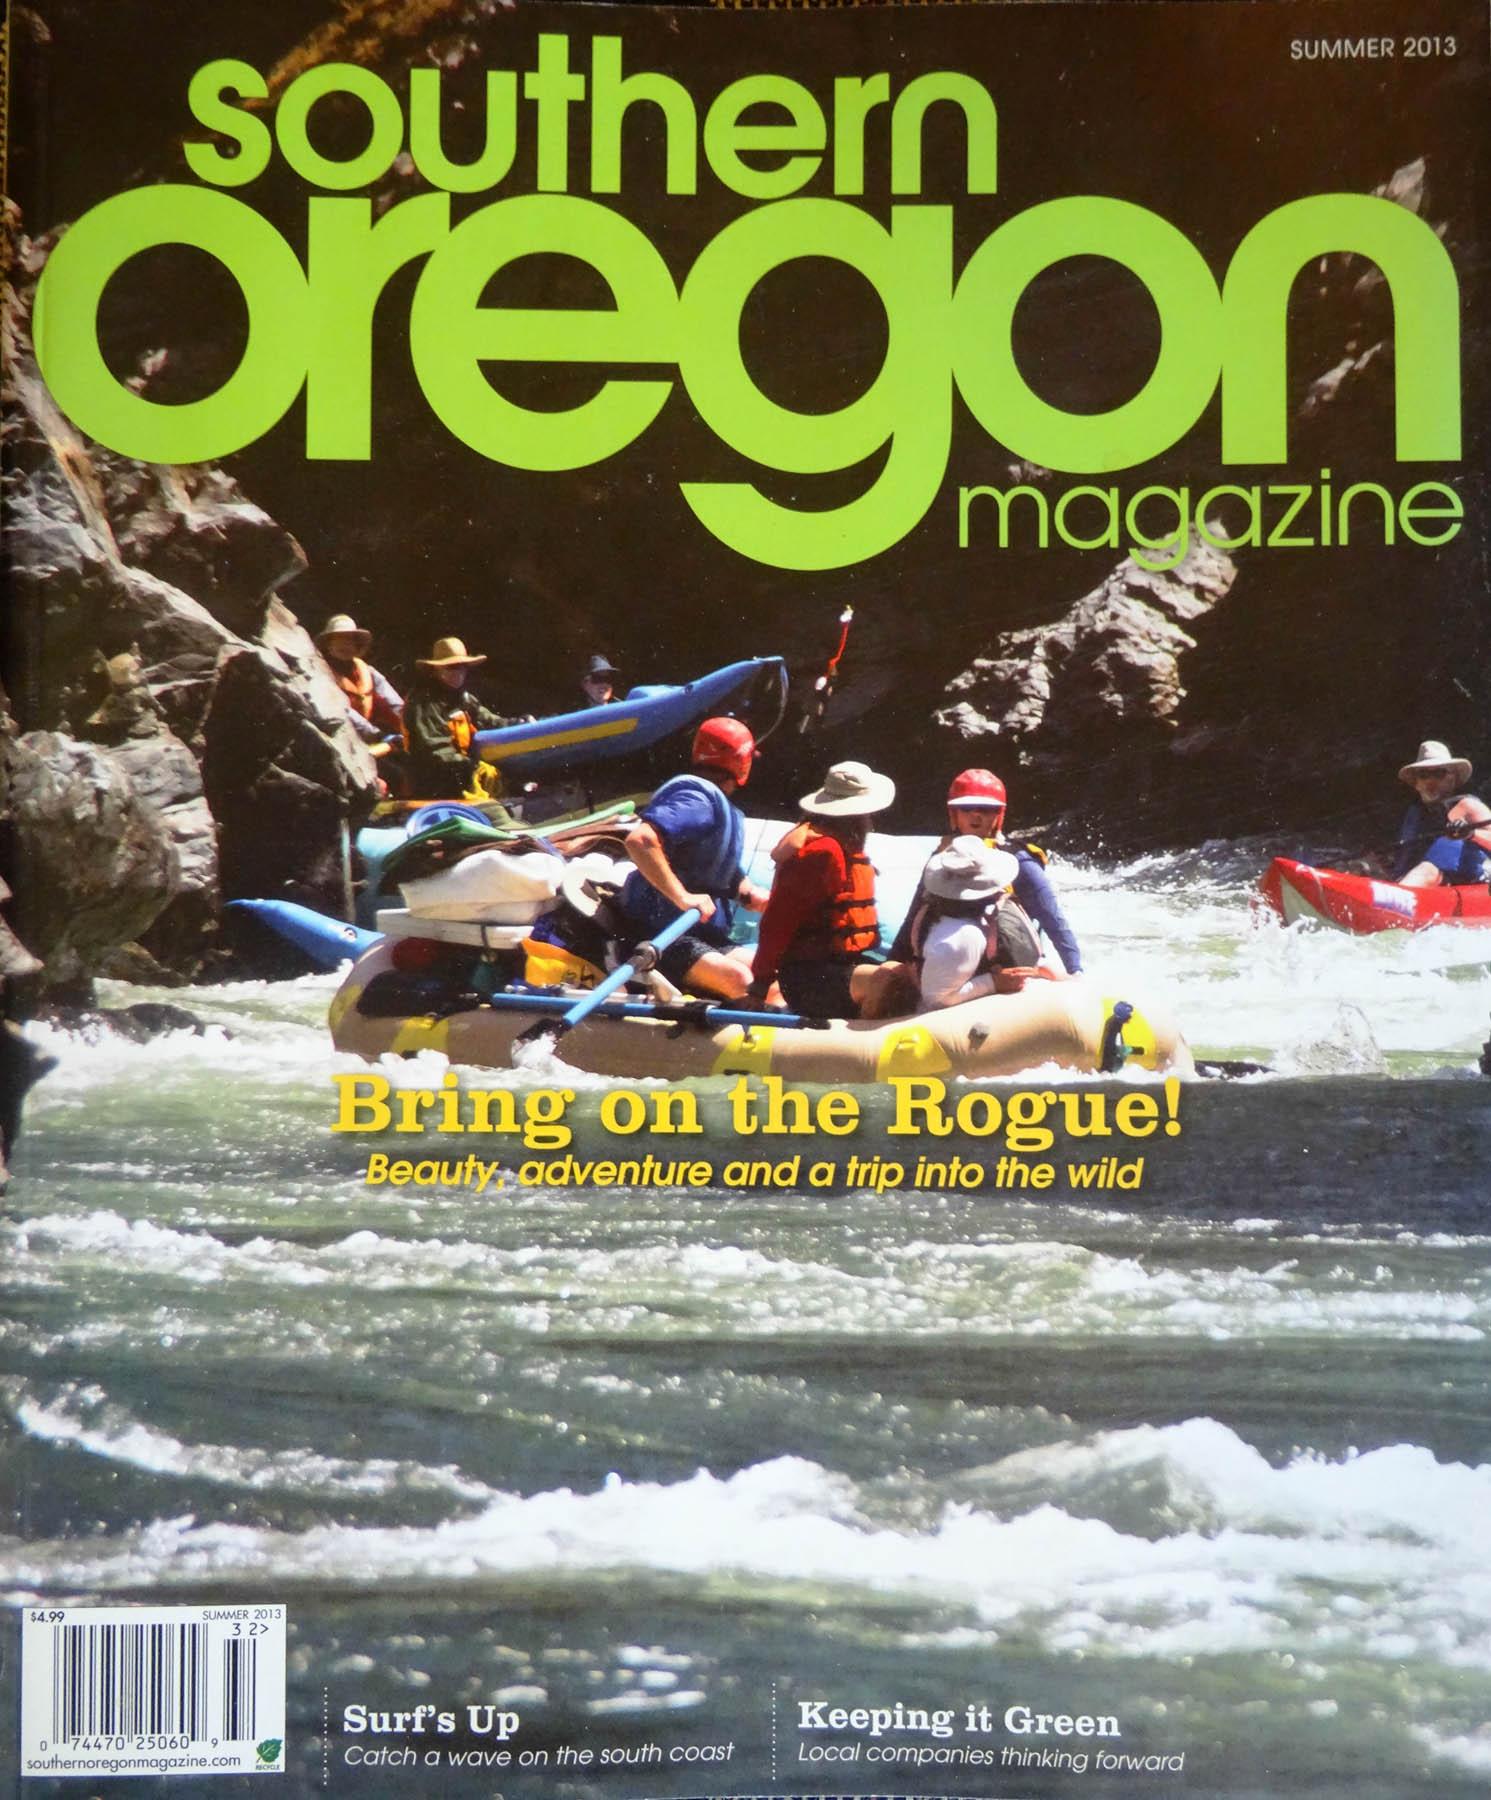 11a Southern Oregon Magazineweb.jpg